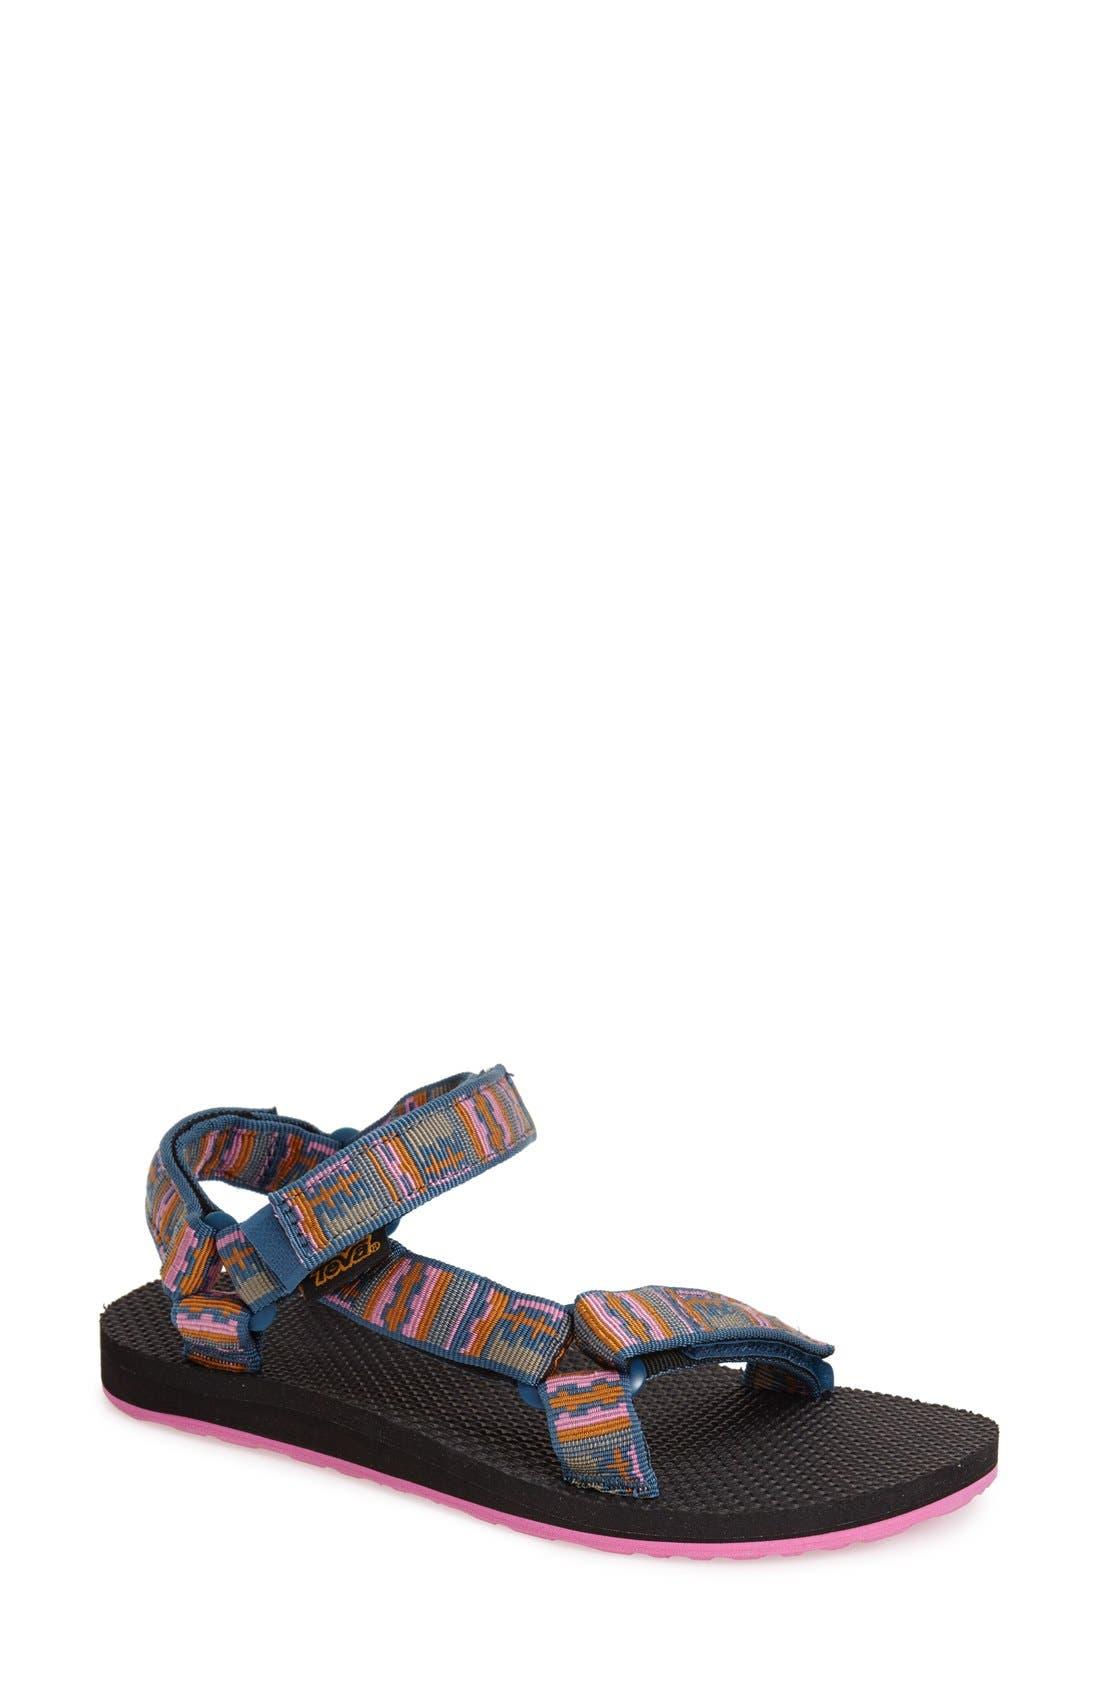 Alternate Image 1 Selected - Teva 'Original Universal' Water Friendly Print Sandal (Women)